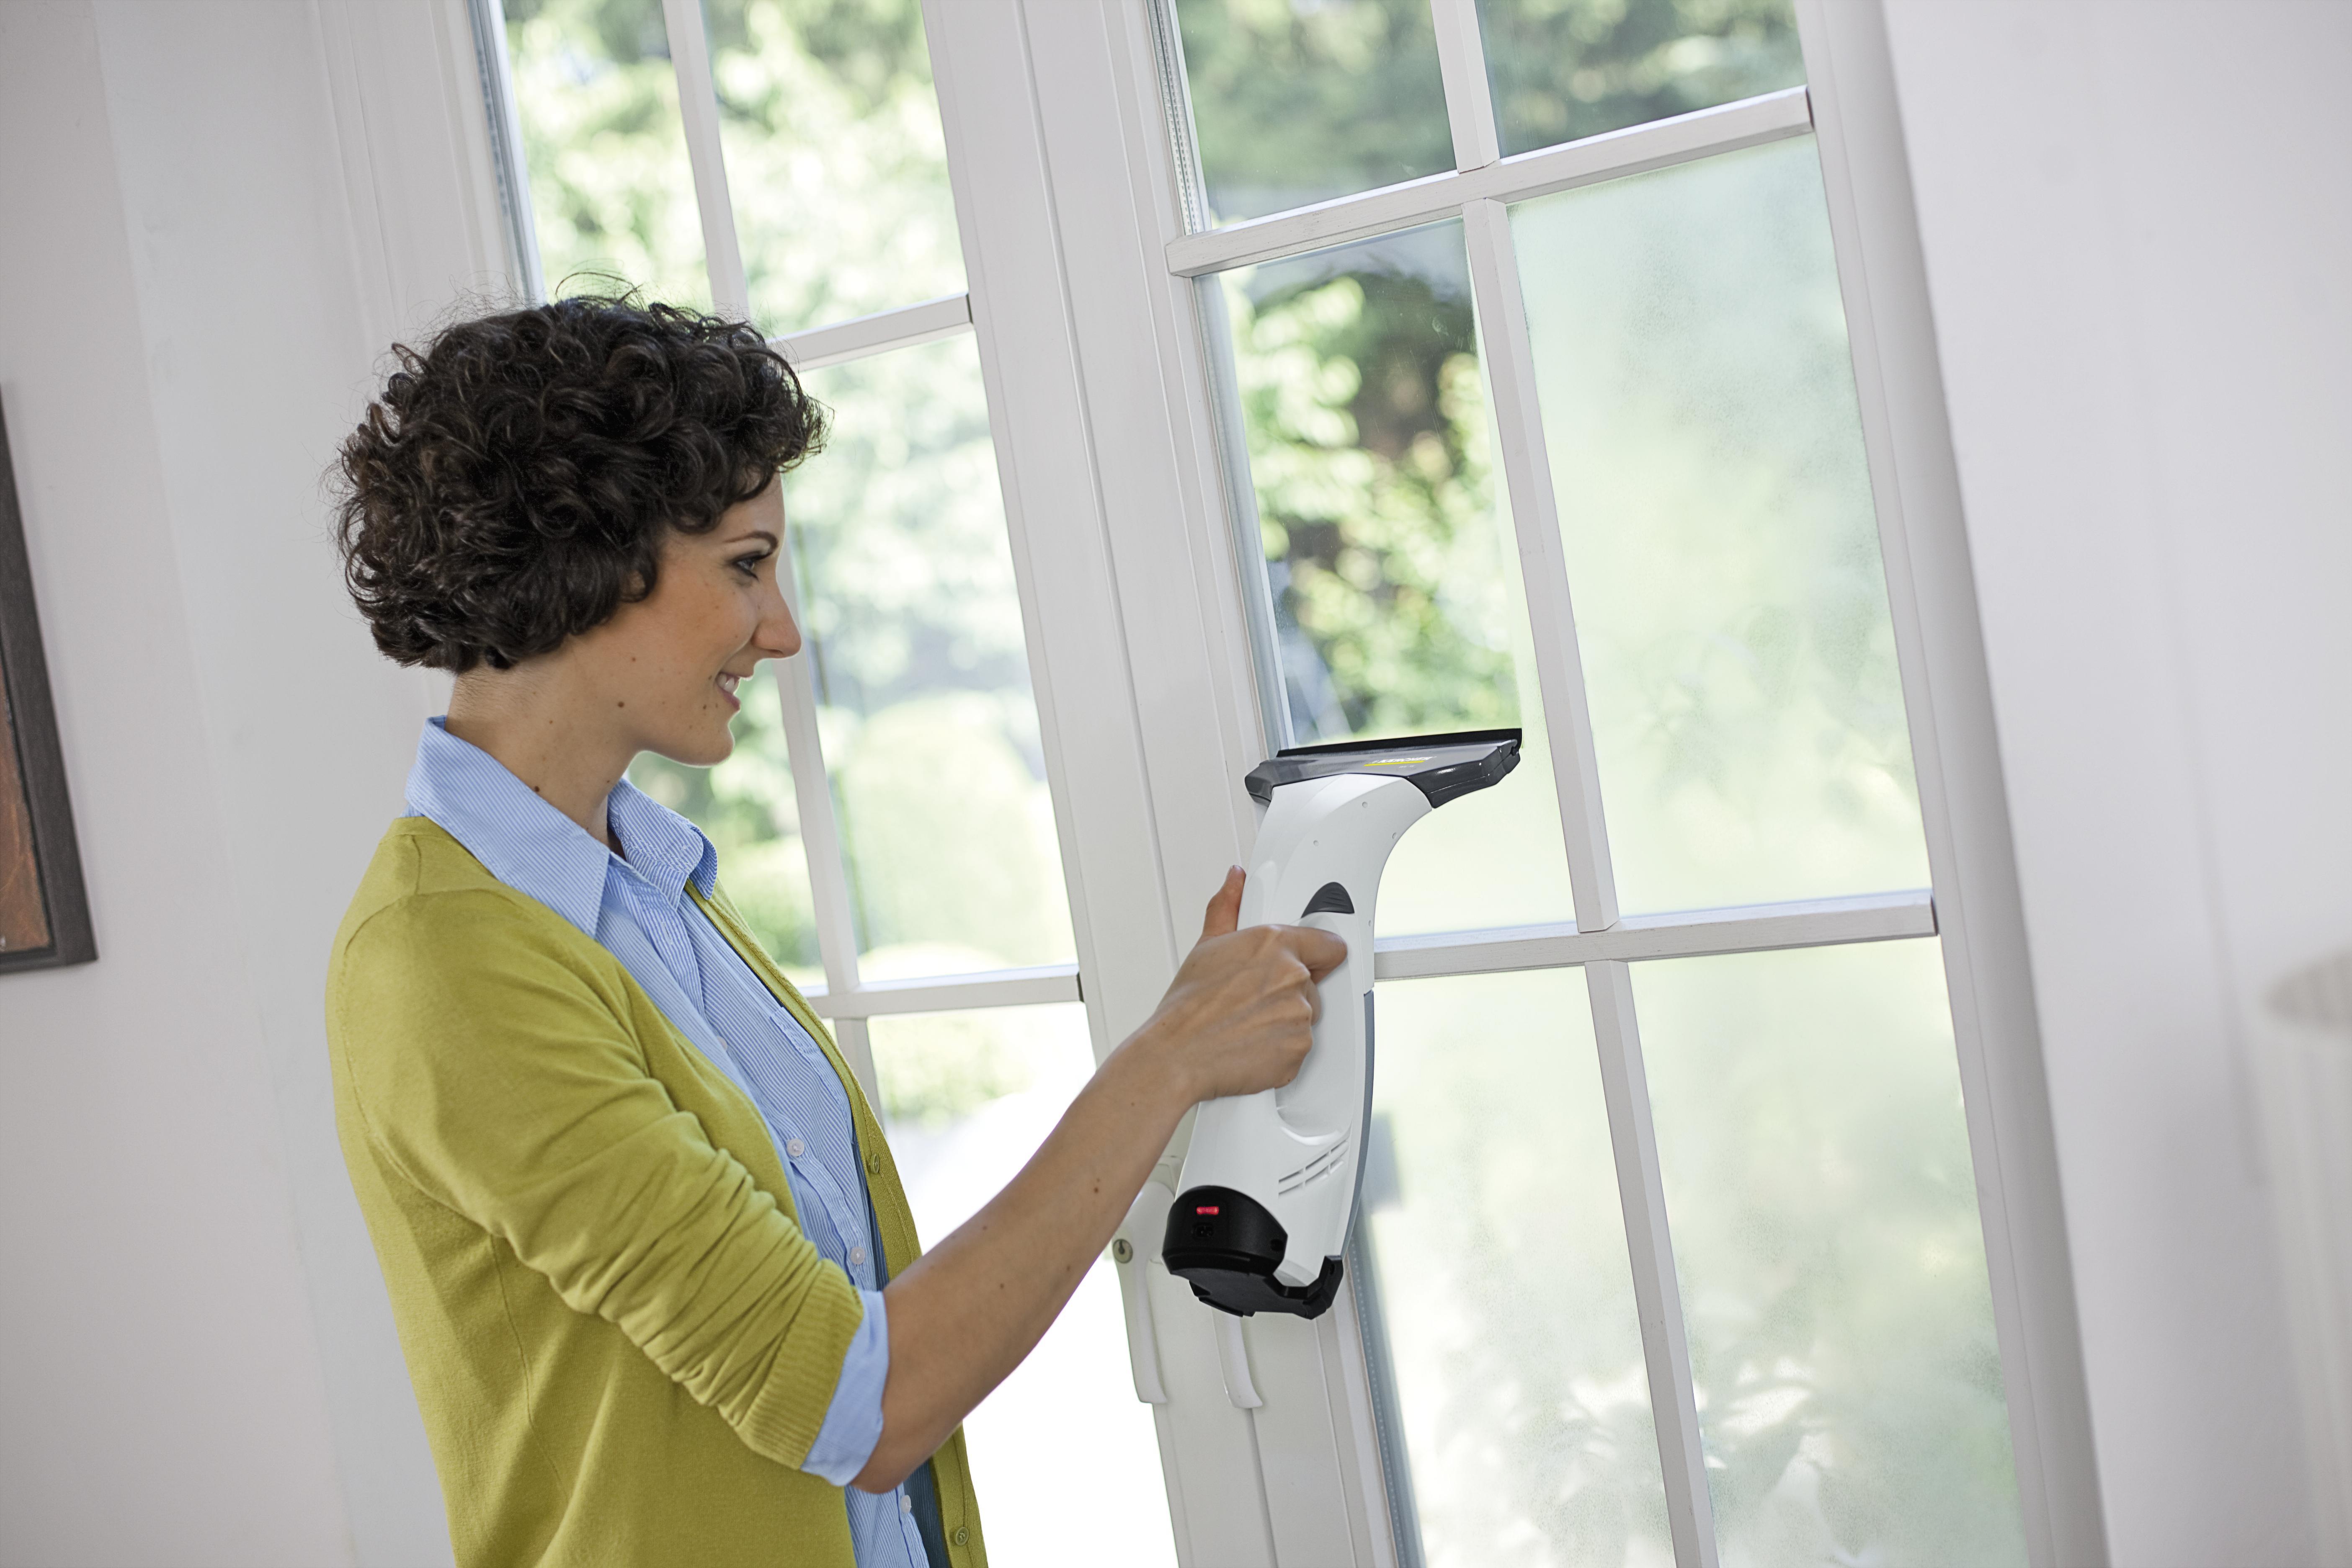 Пылесосы для мытья окон: особенности роботов-пылесосов и обычных моделей для мытья оконных стекол. как выбрать пылесос для мойки окон?